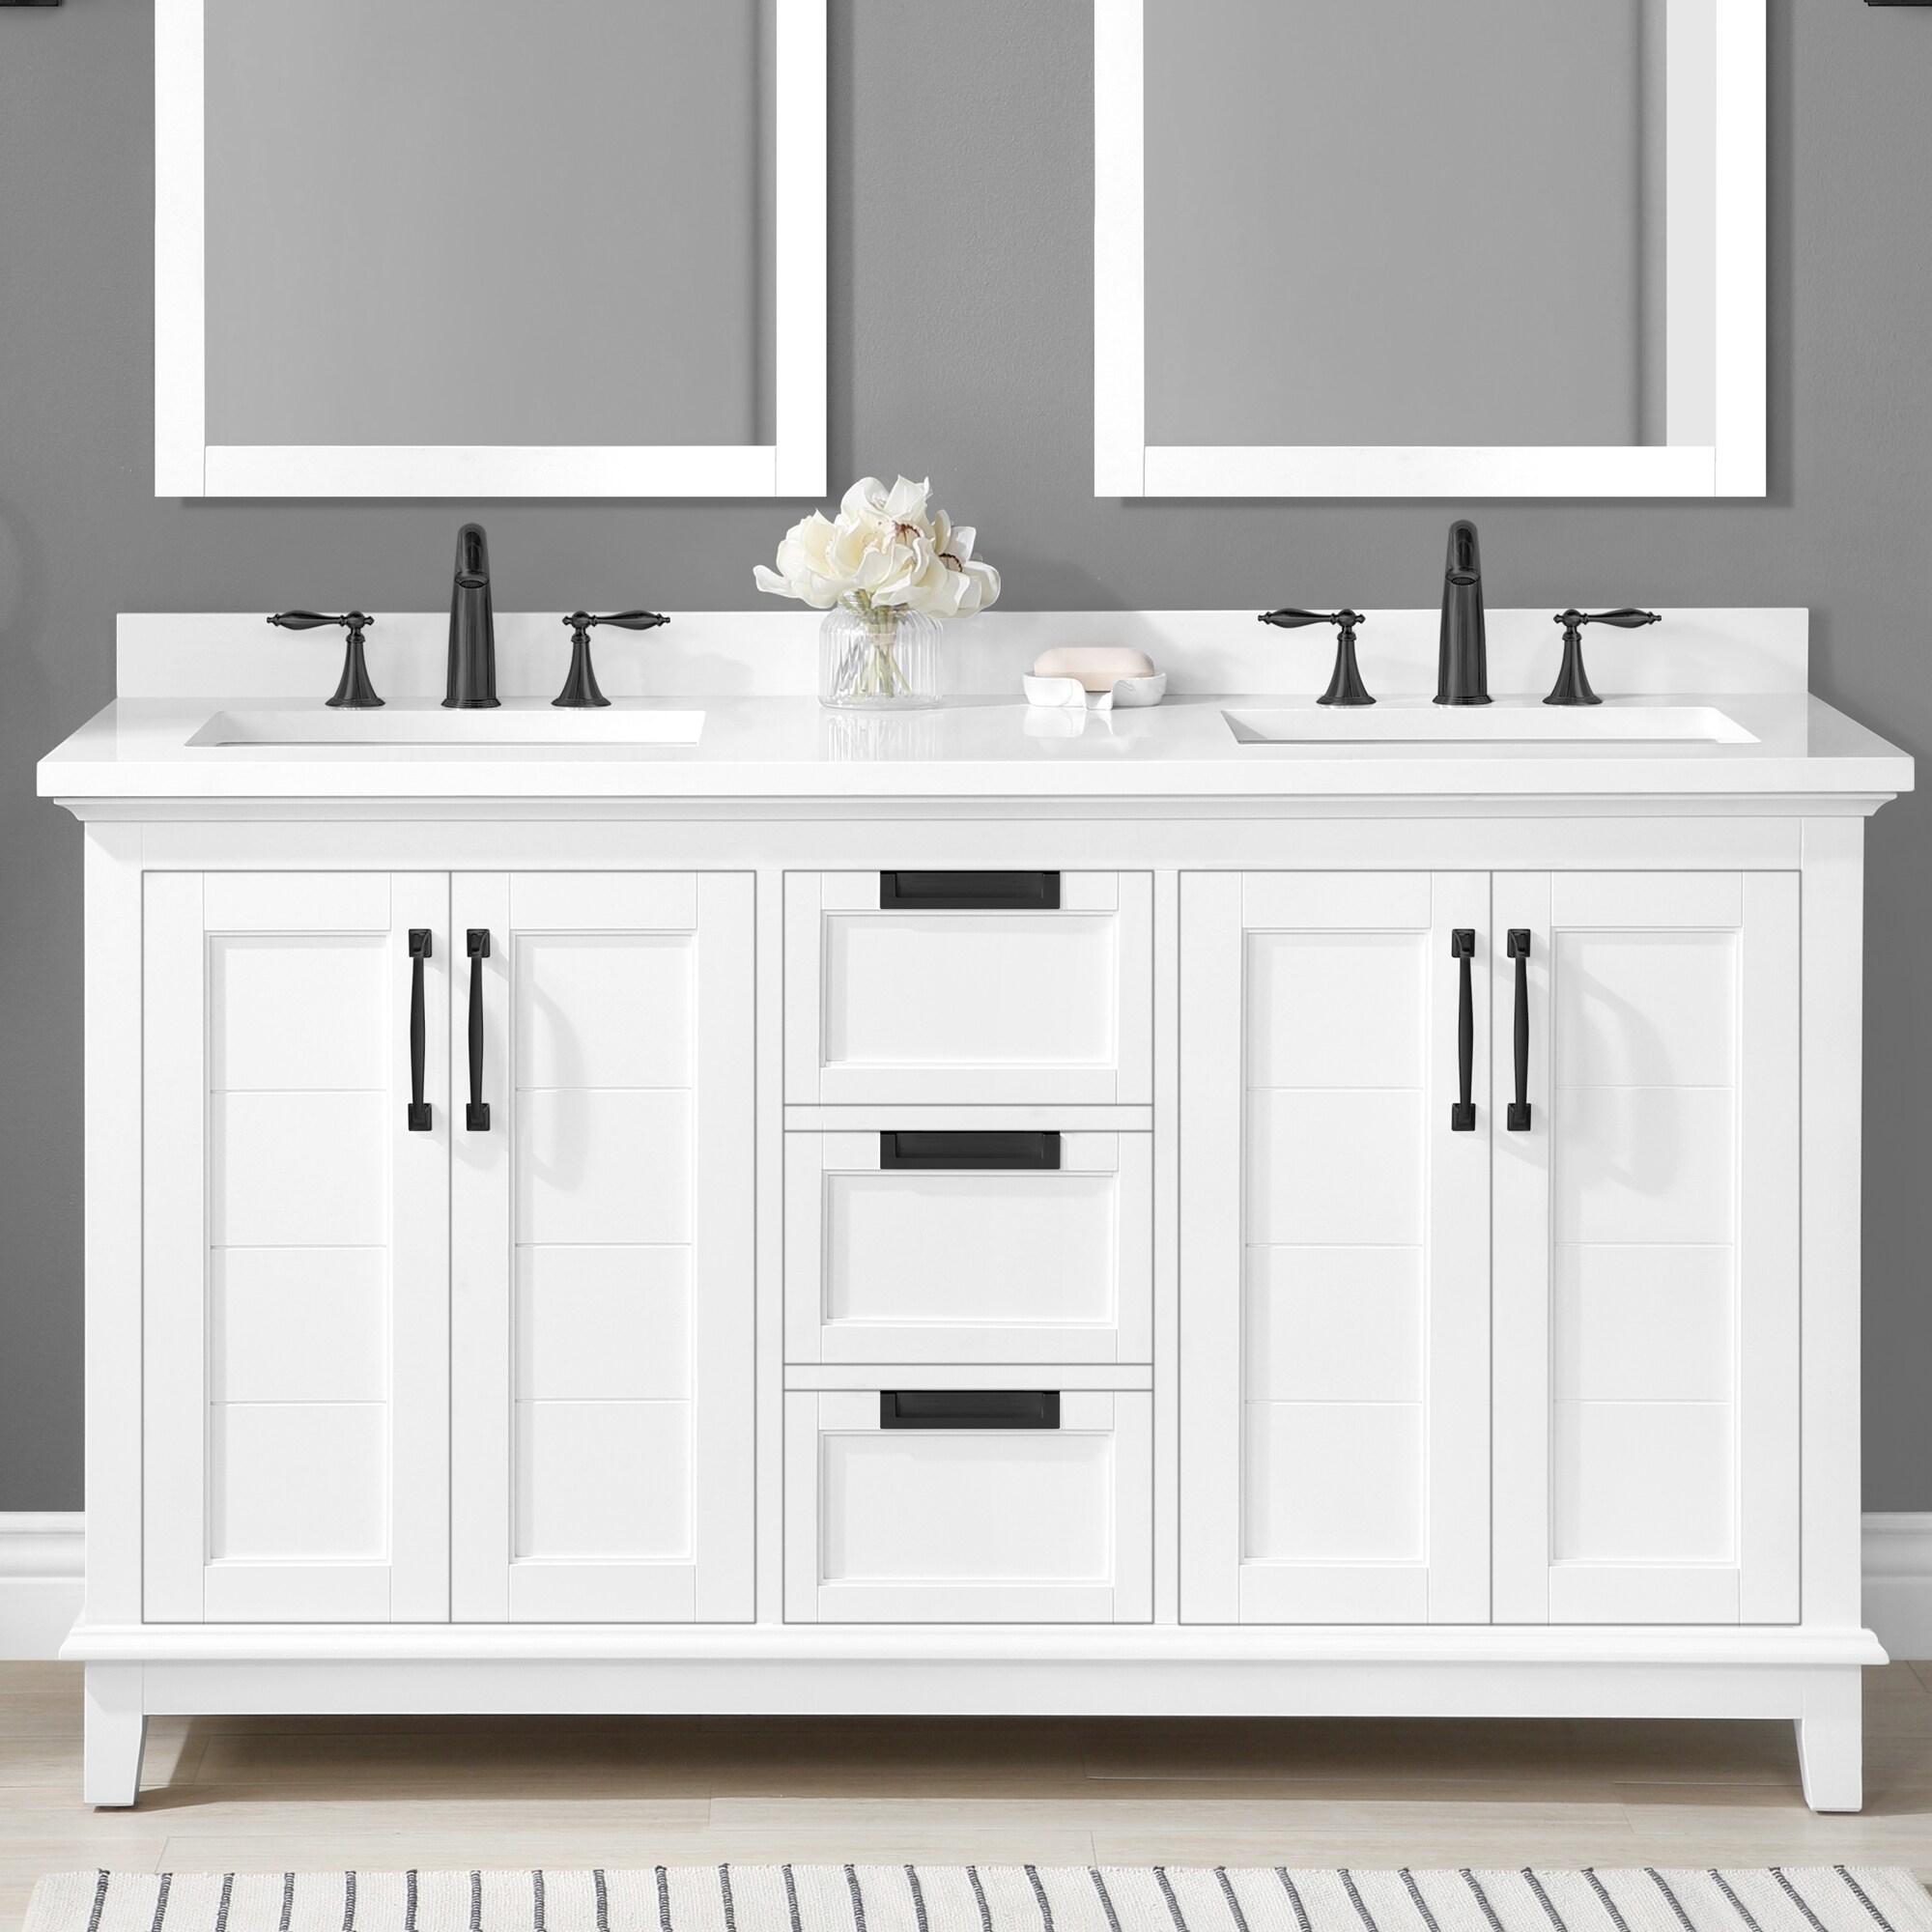 allen + roth Clarita 20 in White Undermount Double Sink Bathroom ...